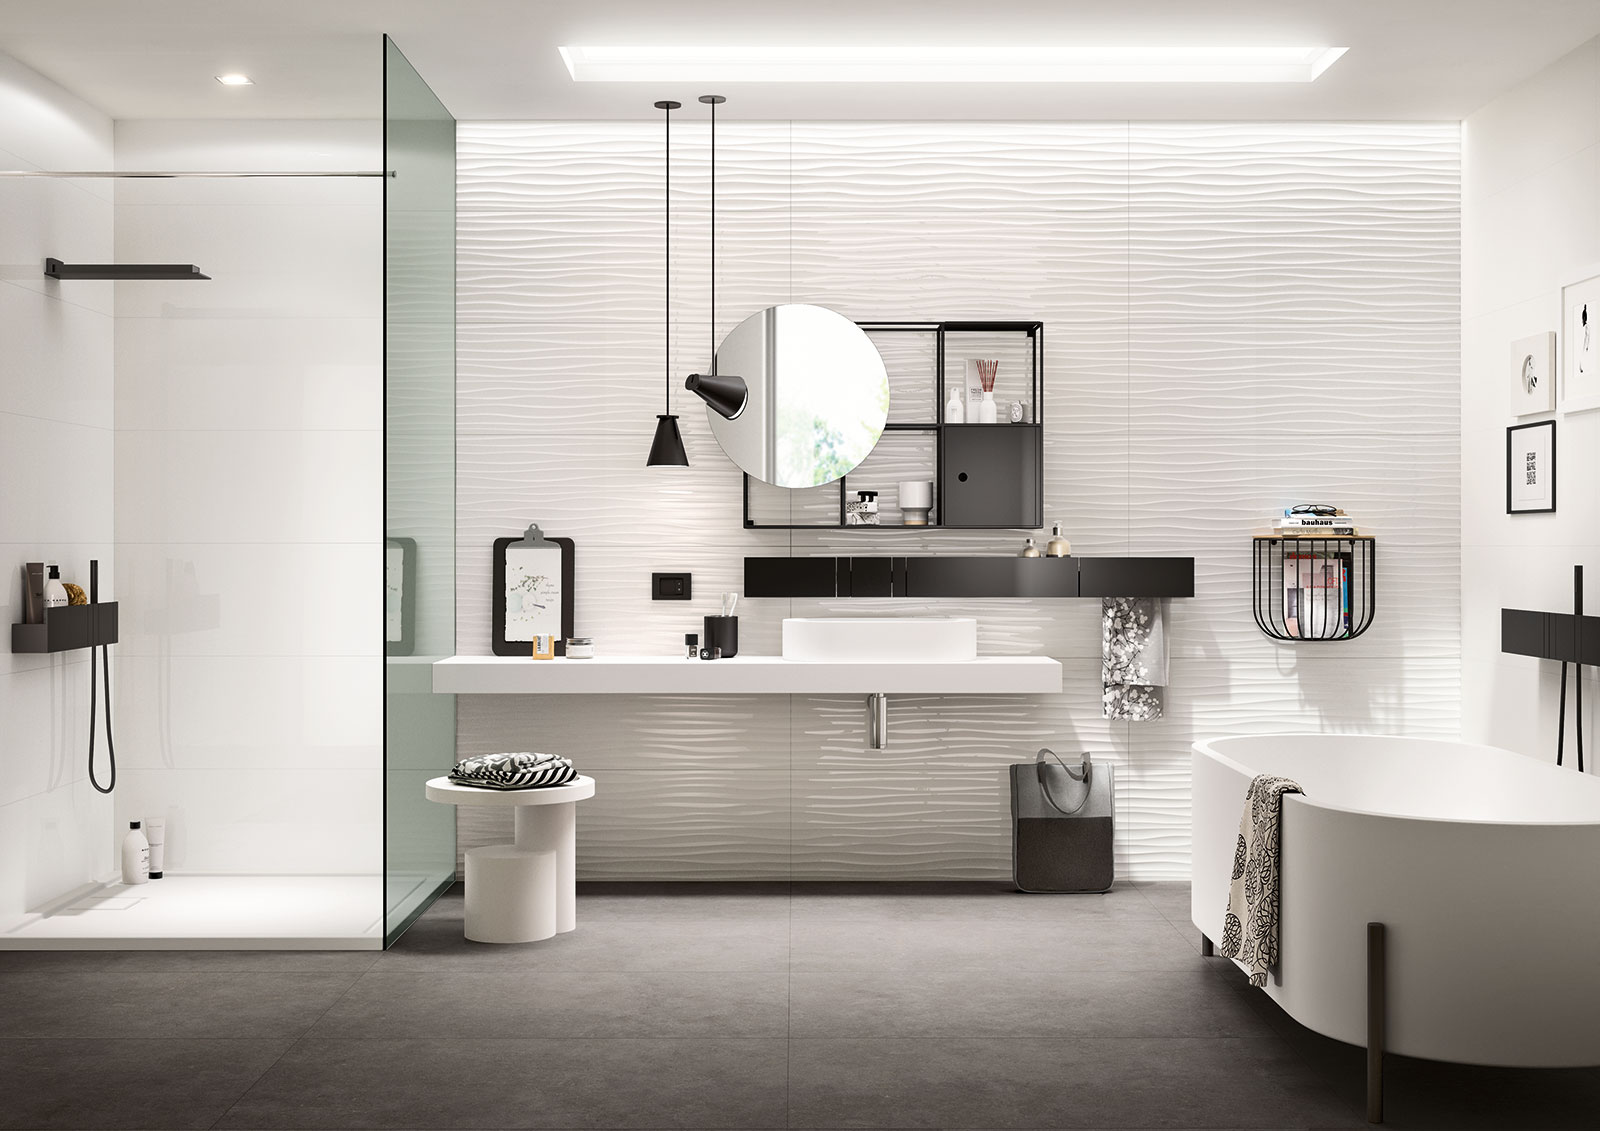 Bad Fliesen-gestaltungsideen : Marazzi Porcelain Tile in Bathrooms